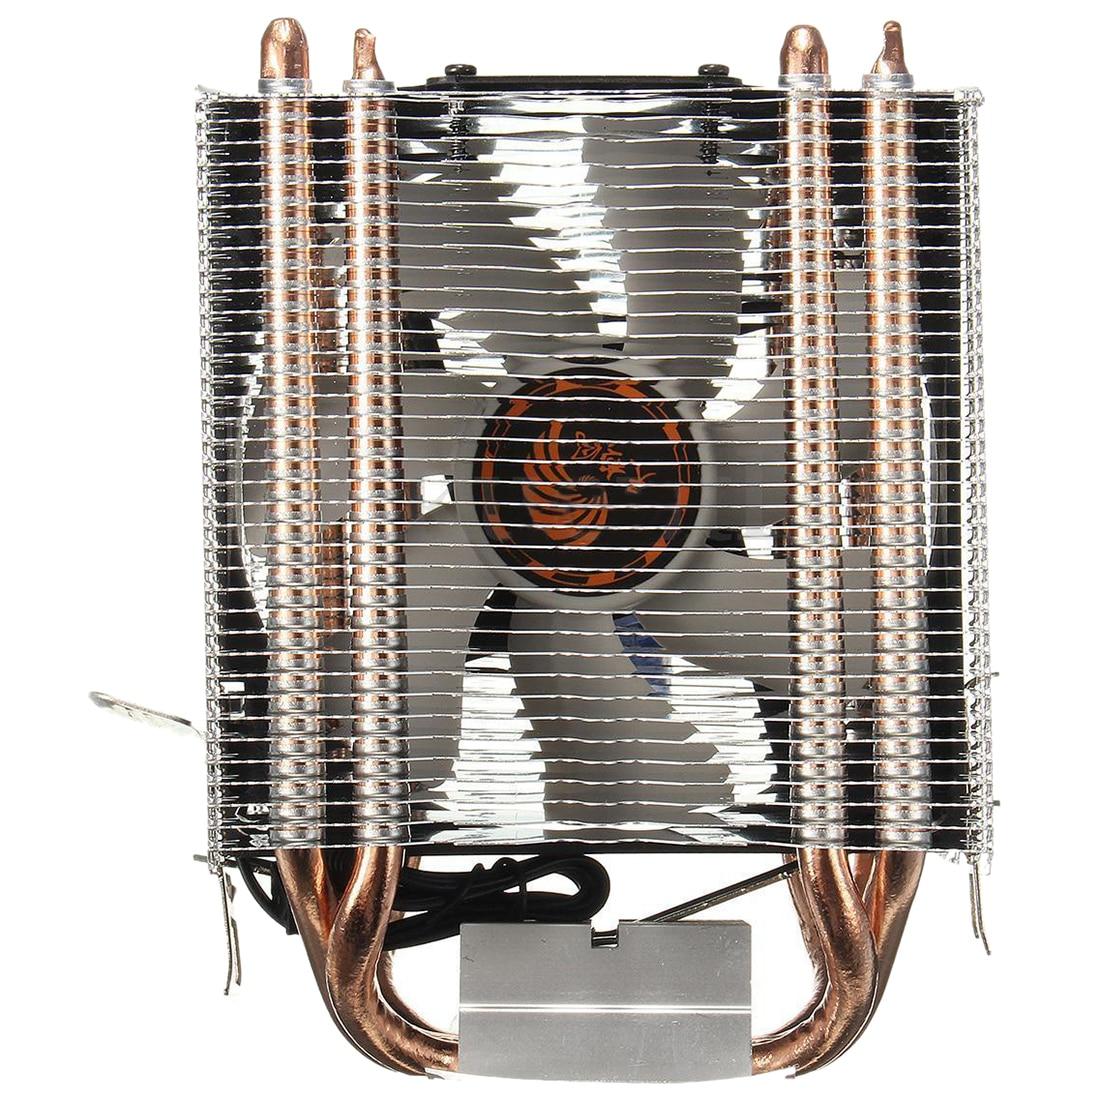 4 Heatpipe CPU Cooler Dissipateur de Chaleur pour Intel LGA 1150 1151 1155 775 1156 (POUR AMD) Nouveau